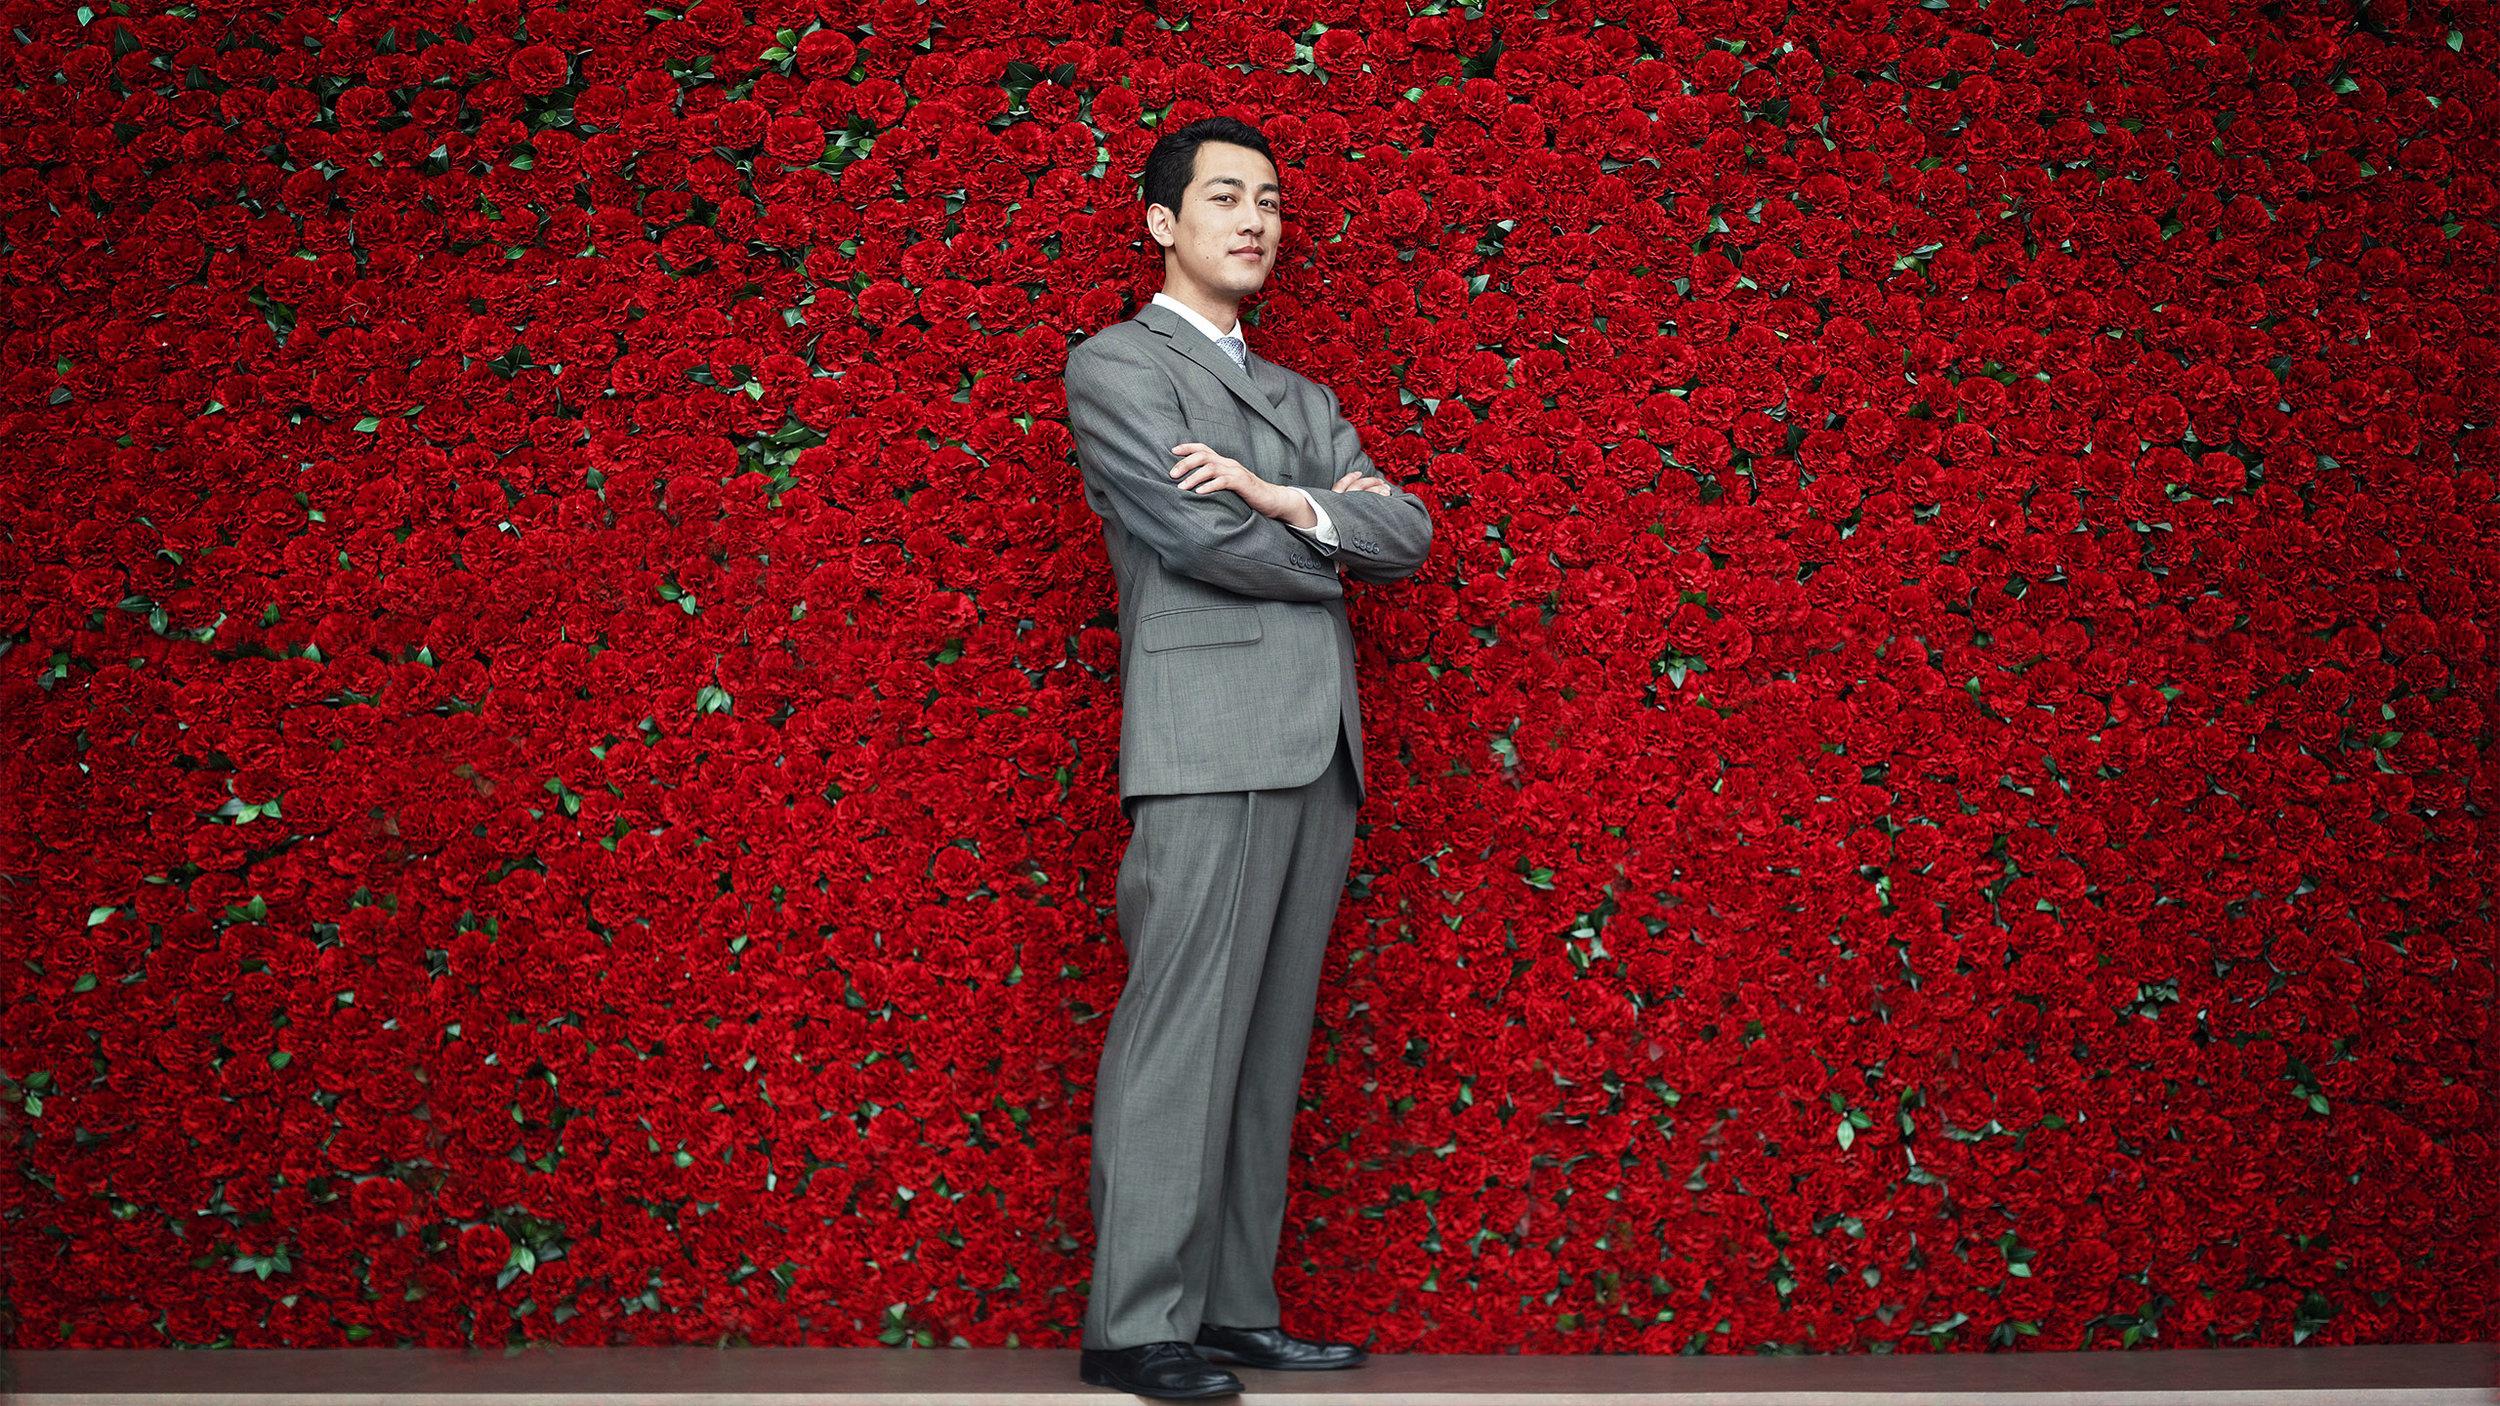 06-roses.jpg